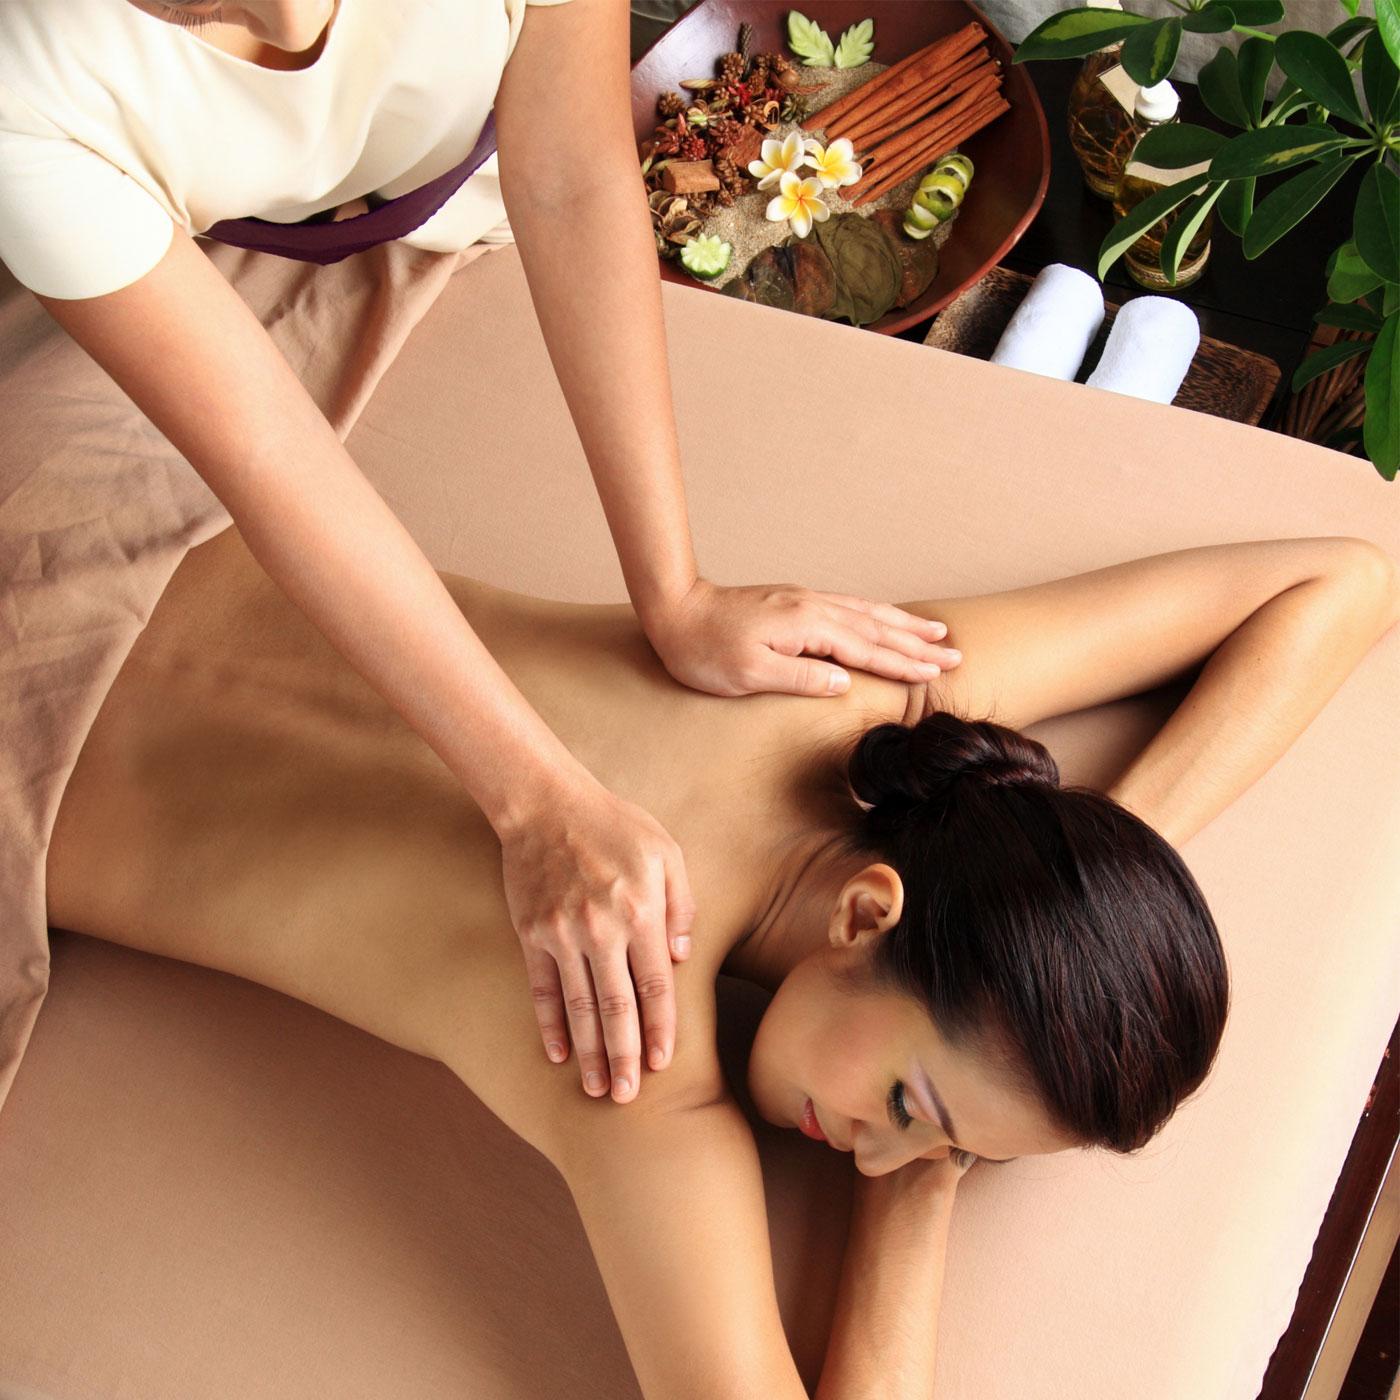 Тайский массаж в купчино 3 фотография